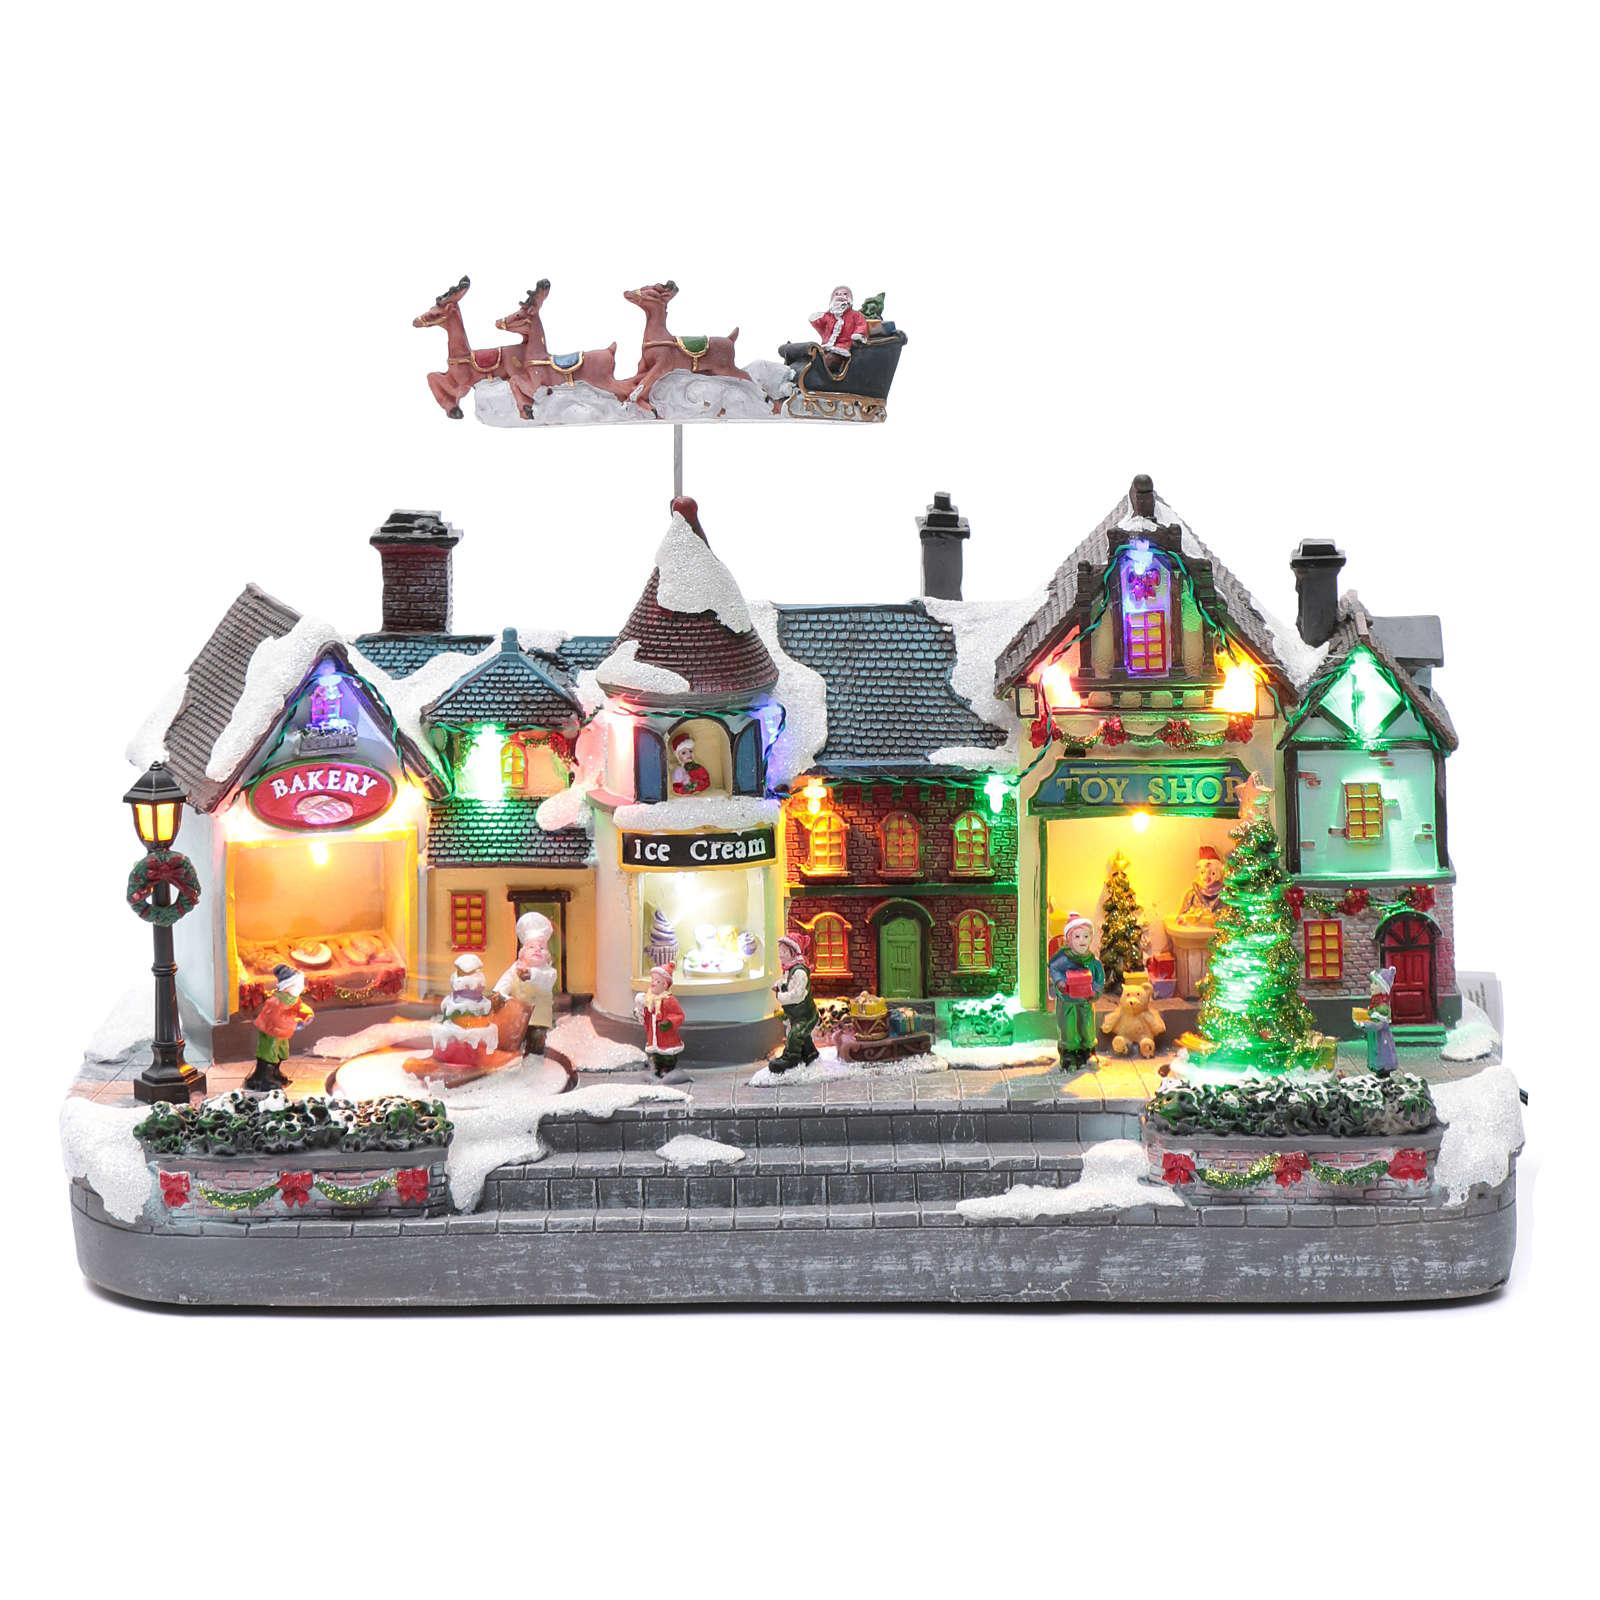 Villaggio natalizio luminoso musica movim renne albero natale lago ghiacciato 27X41X17 cm 3